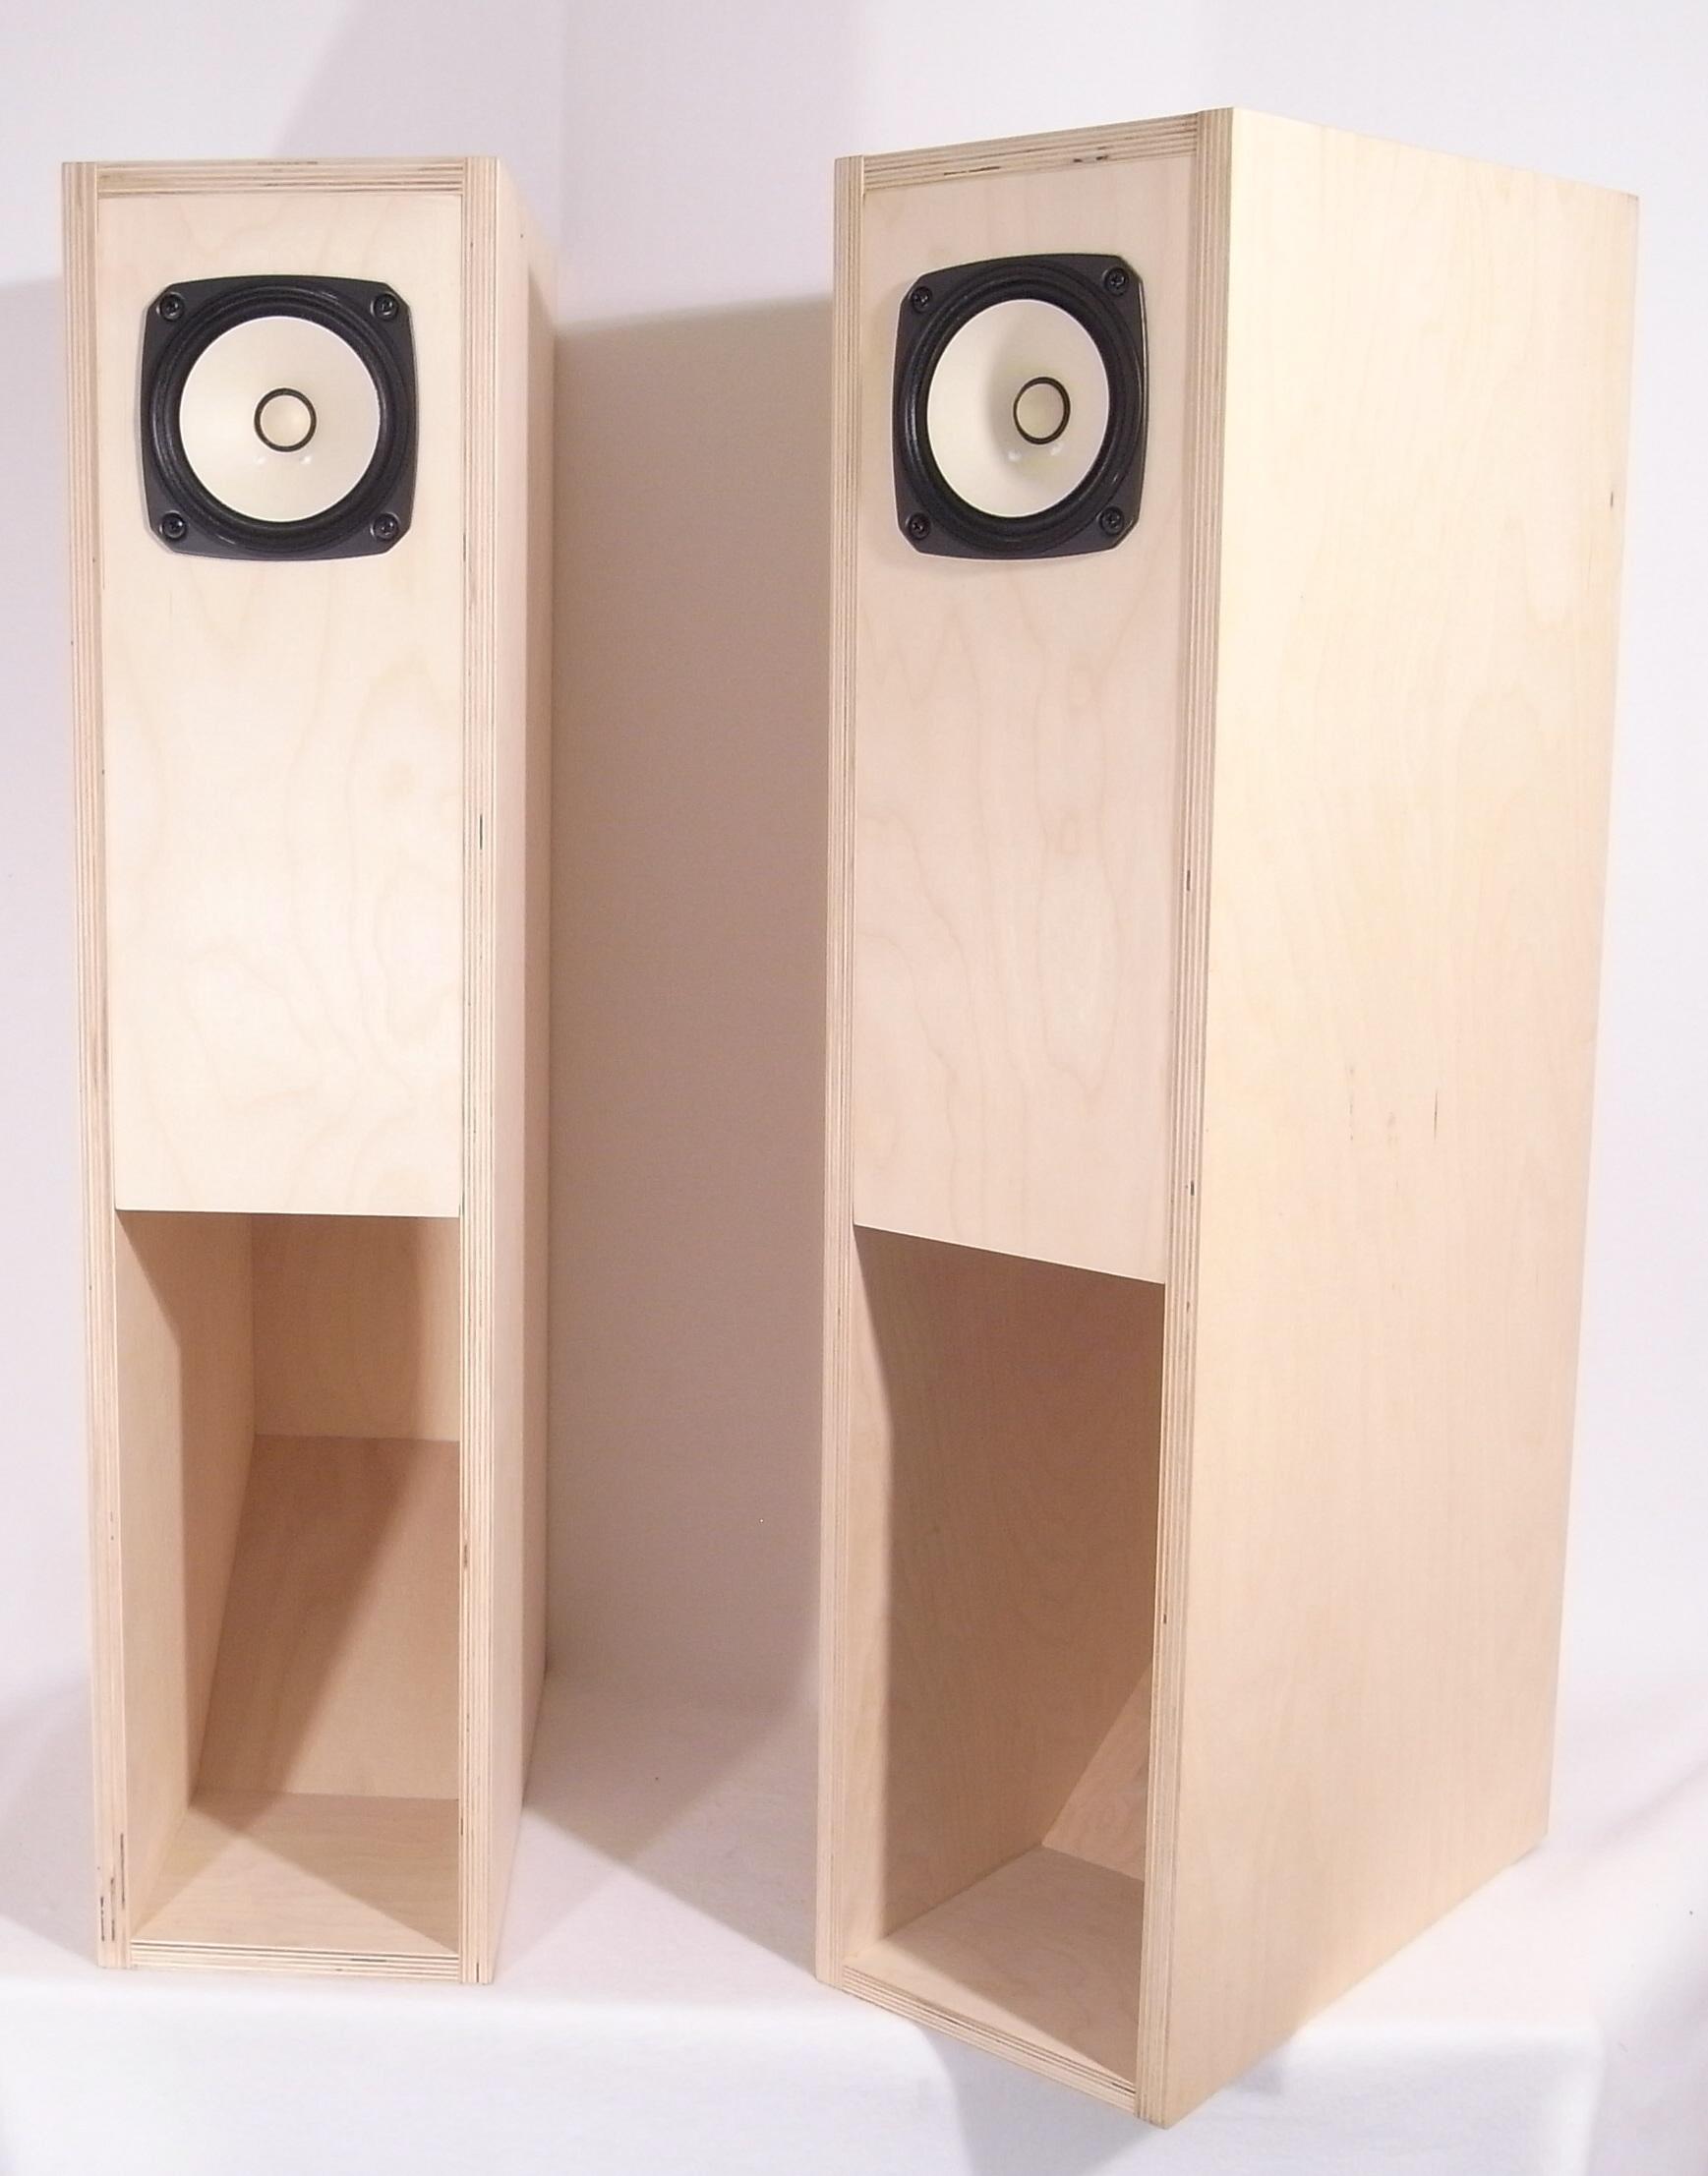 Full Range Diy Speaker Kit Diy Do It Your Self